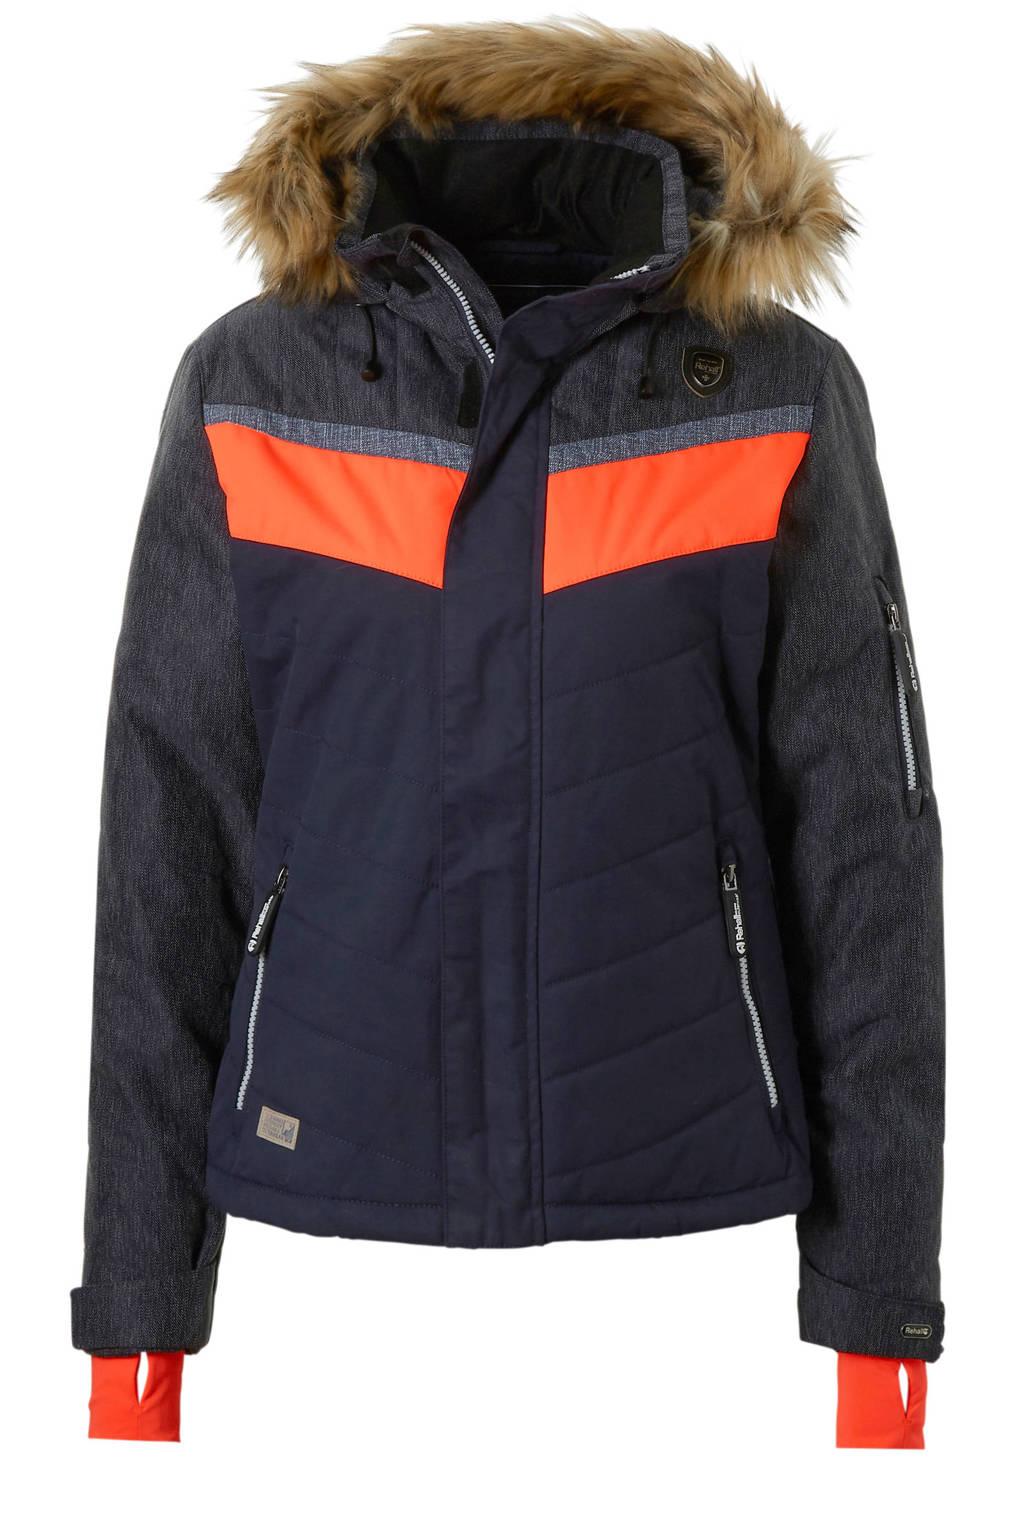 Rehall ski-jack Darcy-R, Donkerblauw/oranje